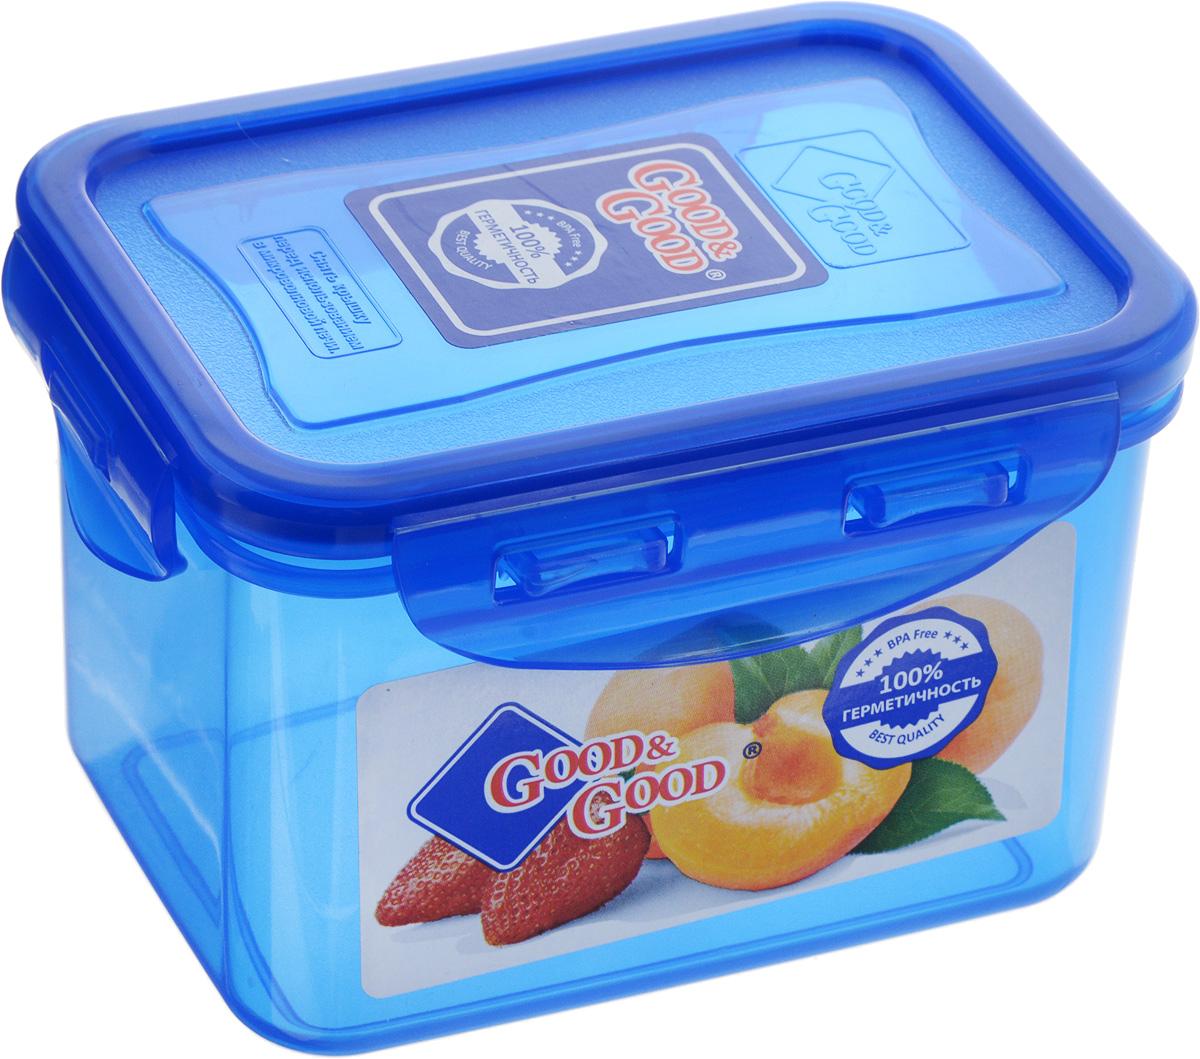 Контейнер пищевой Good&Good, цвет: синий, 630 мл02-2/COLORS_синийПрямоугольный контейнер Good&Good изготовлен из высококачественного полипропилена и предназначен для хранения любых пищевых продуктов. Благодаря особым технологиям изготовления, лотки в течение времени службы не меняют цвет и не пропитываются запахами. Крышка с силиконовой вставкой герметично защелкивается специальным механизмом. Контейнер Good&Good удобен для ежедневного использования в быту. Можно мыть в посудомоечной машине и использовать в микроволновой печи. Размер контейнера (с учетом крышки): 13 х 10 х 8,5 см.